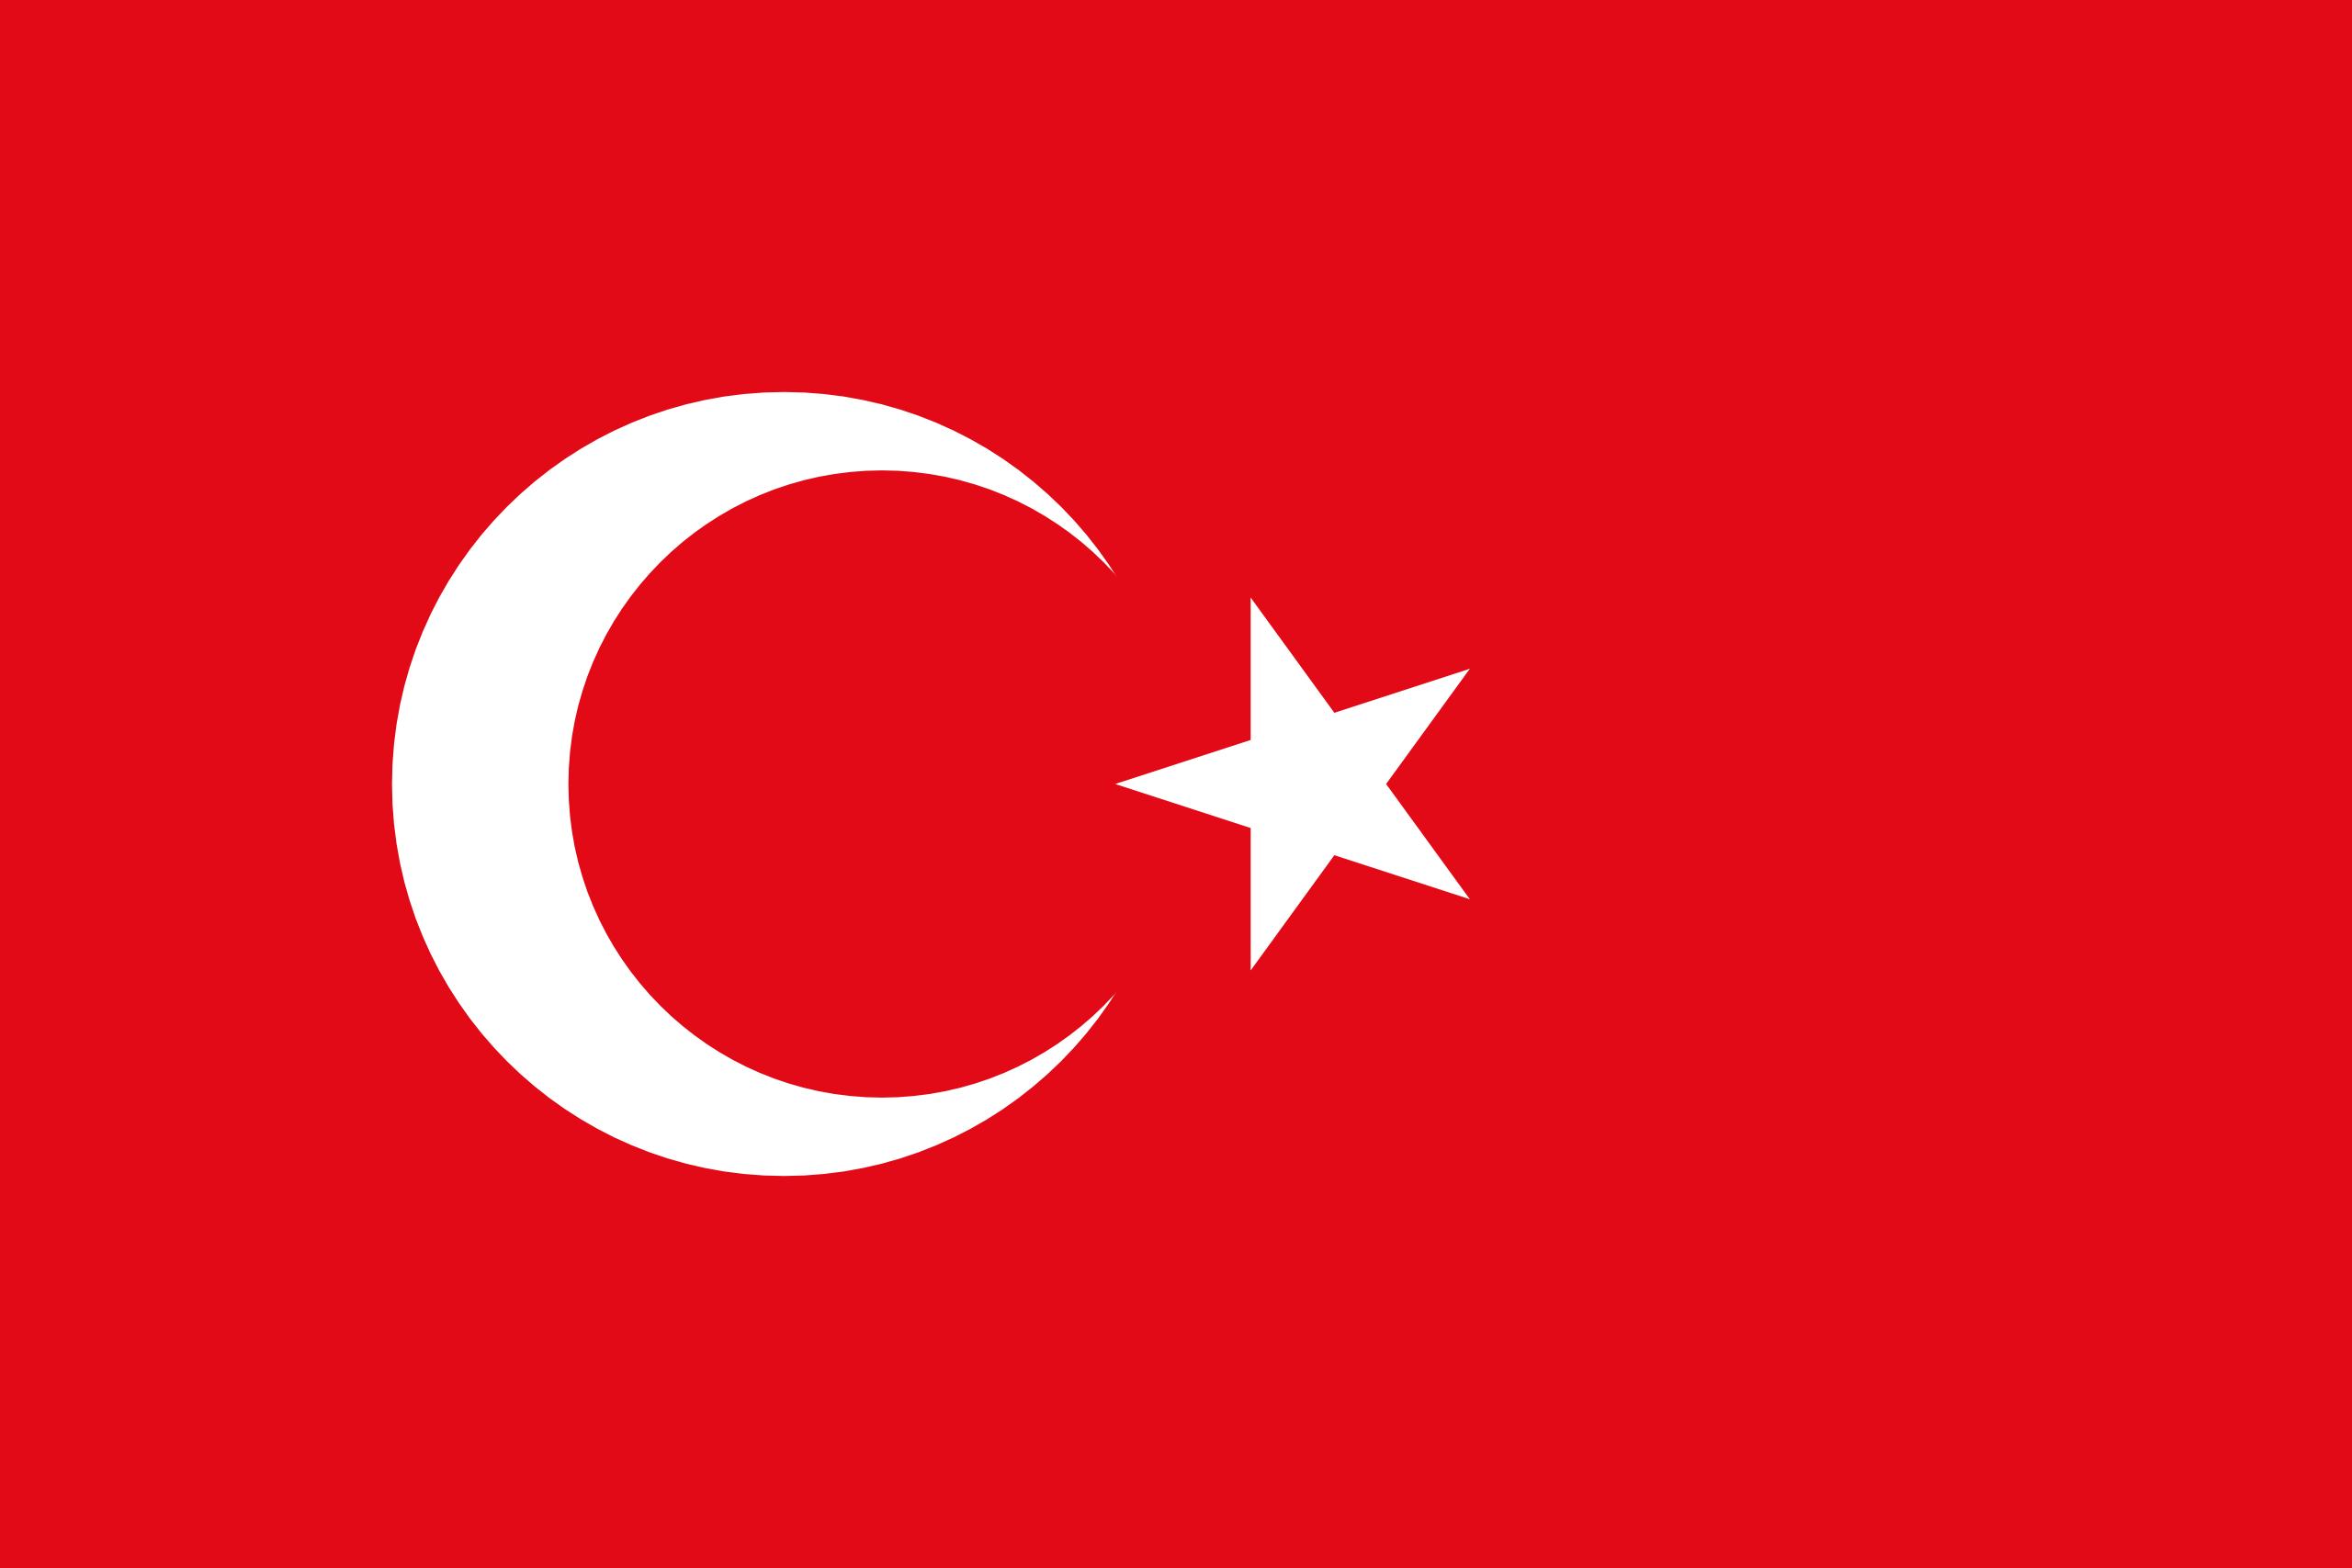 turquía, Land, Emblem, Logo, Symbol - Wallpaper HD - Prof.-falken.com